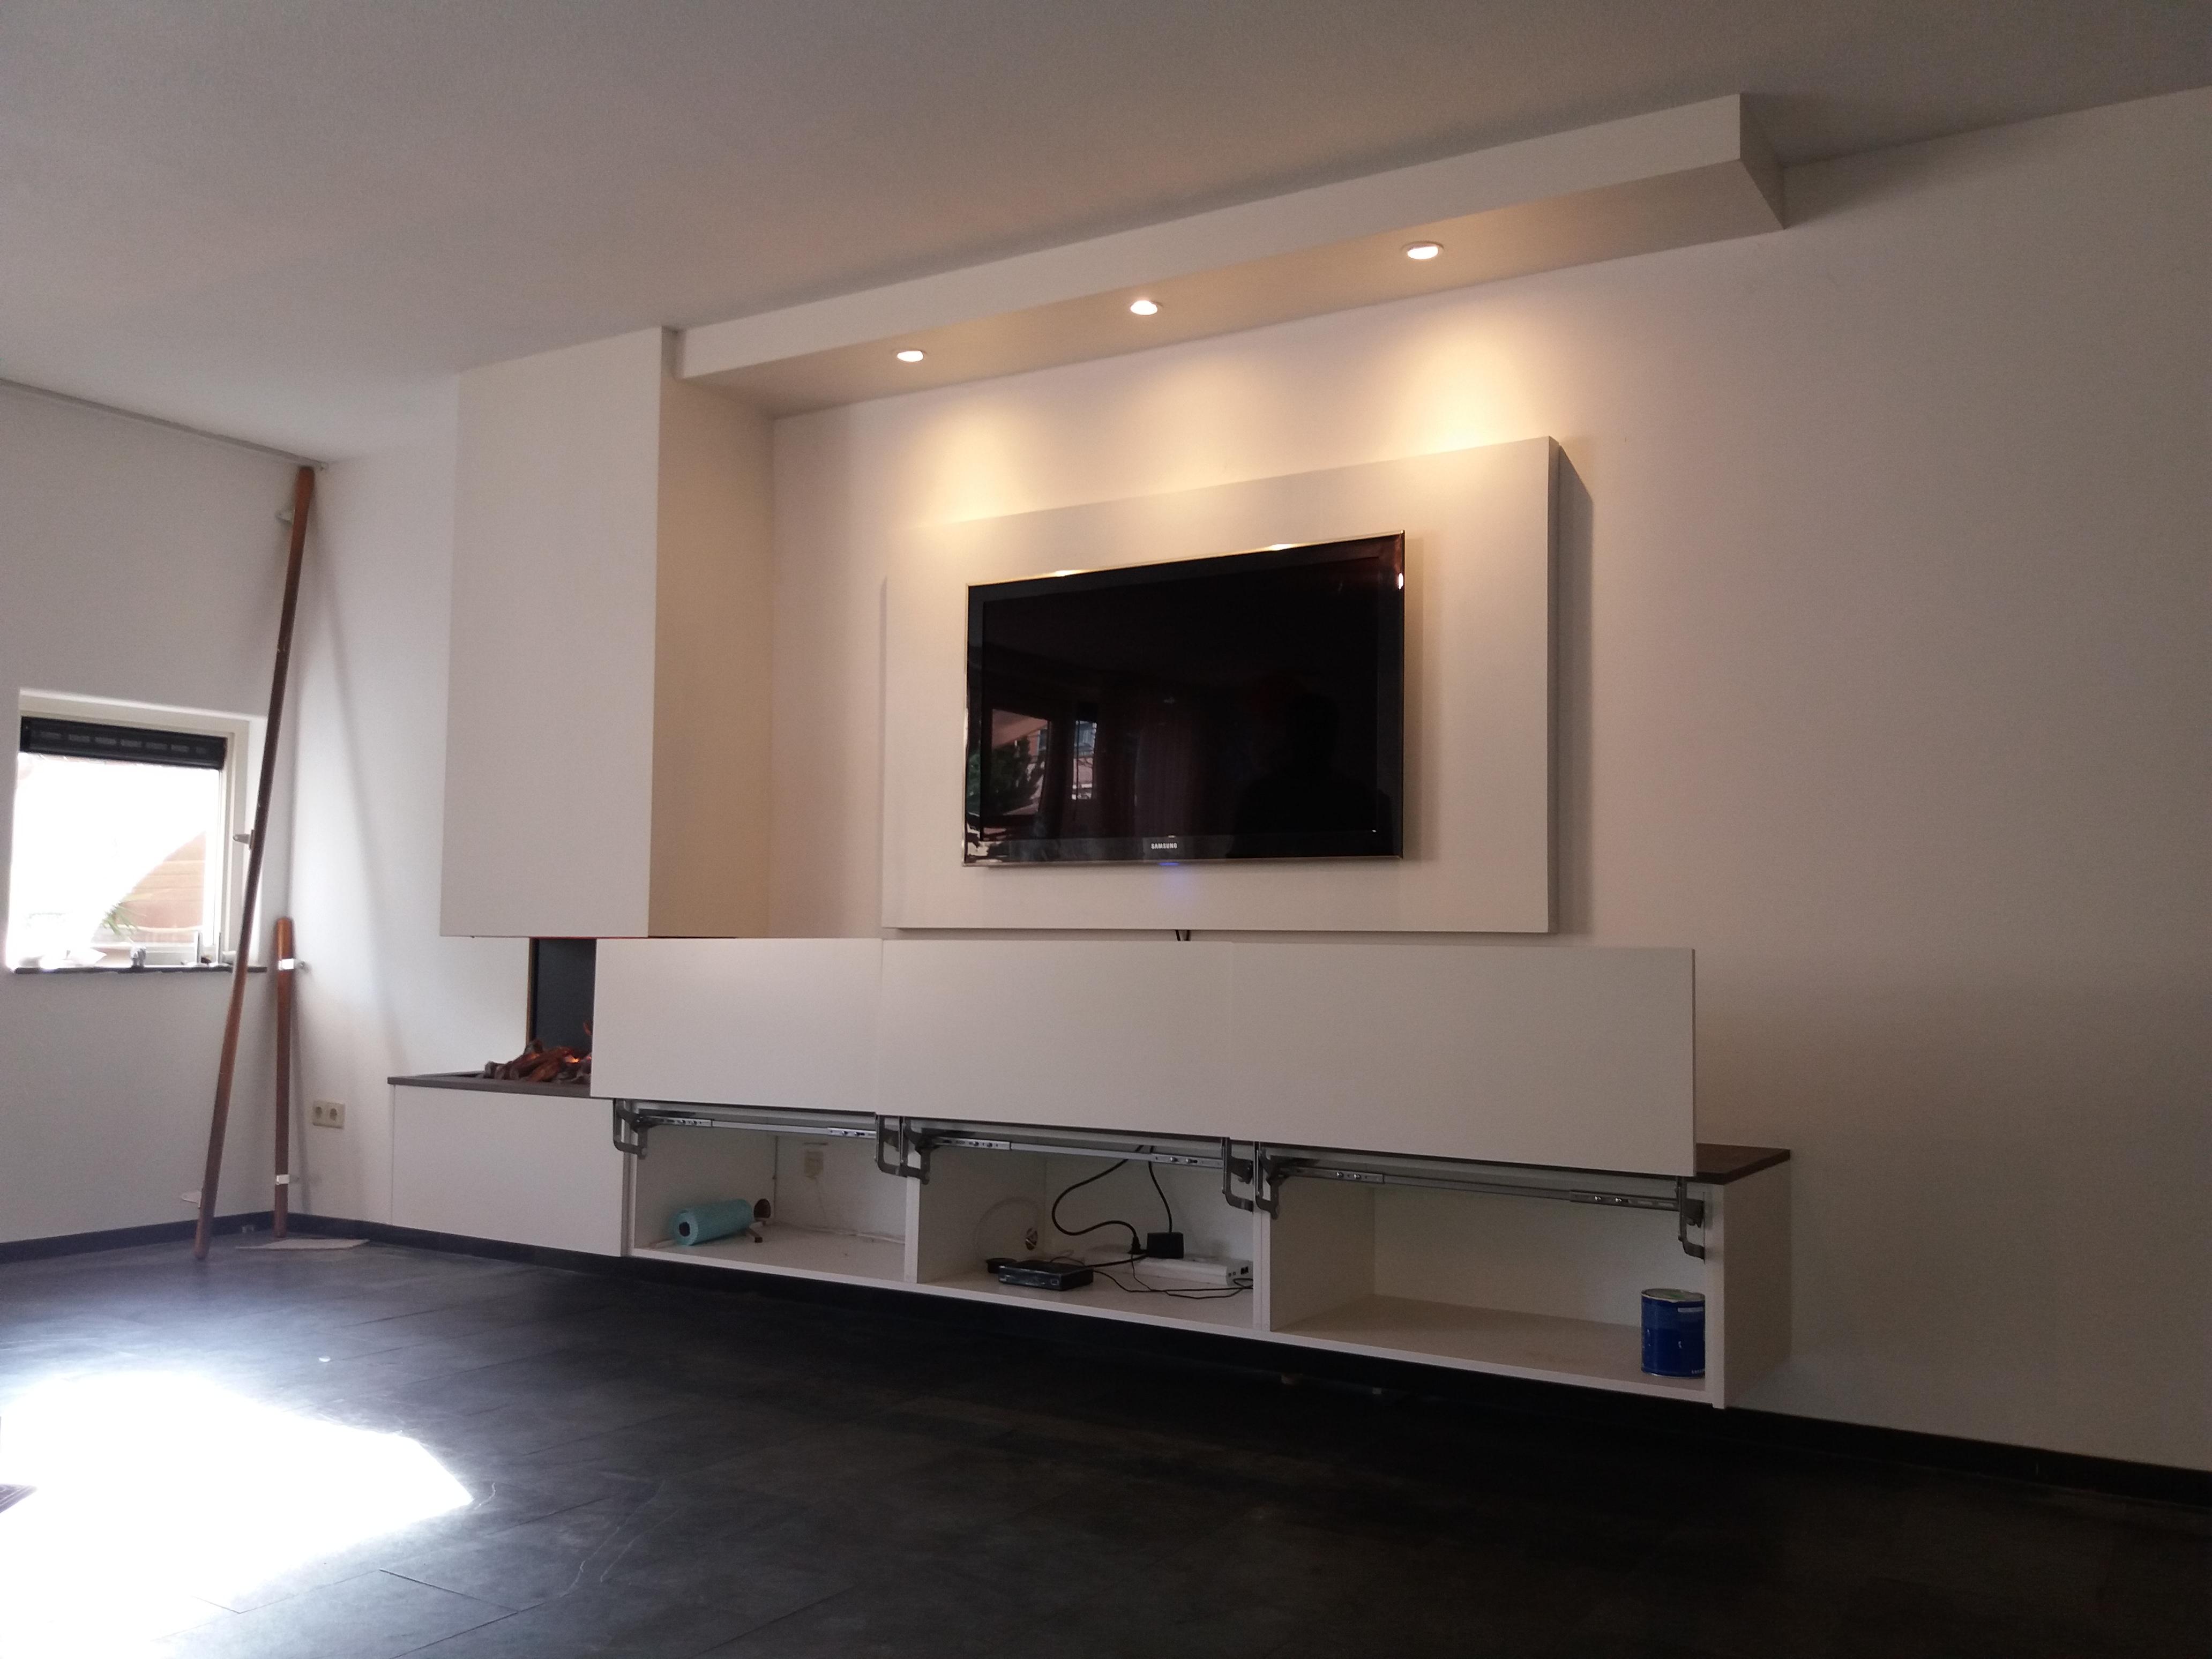 Zwevende Tv Meubel : Zwevend tv meubel met electrische haard tivoli interieurprojekten